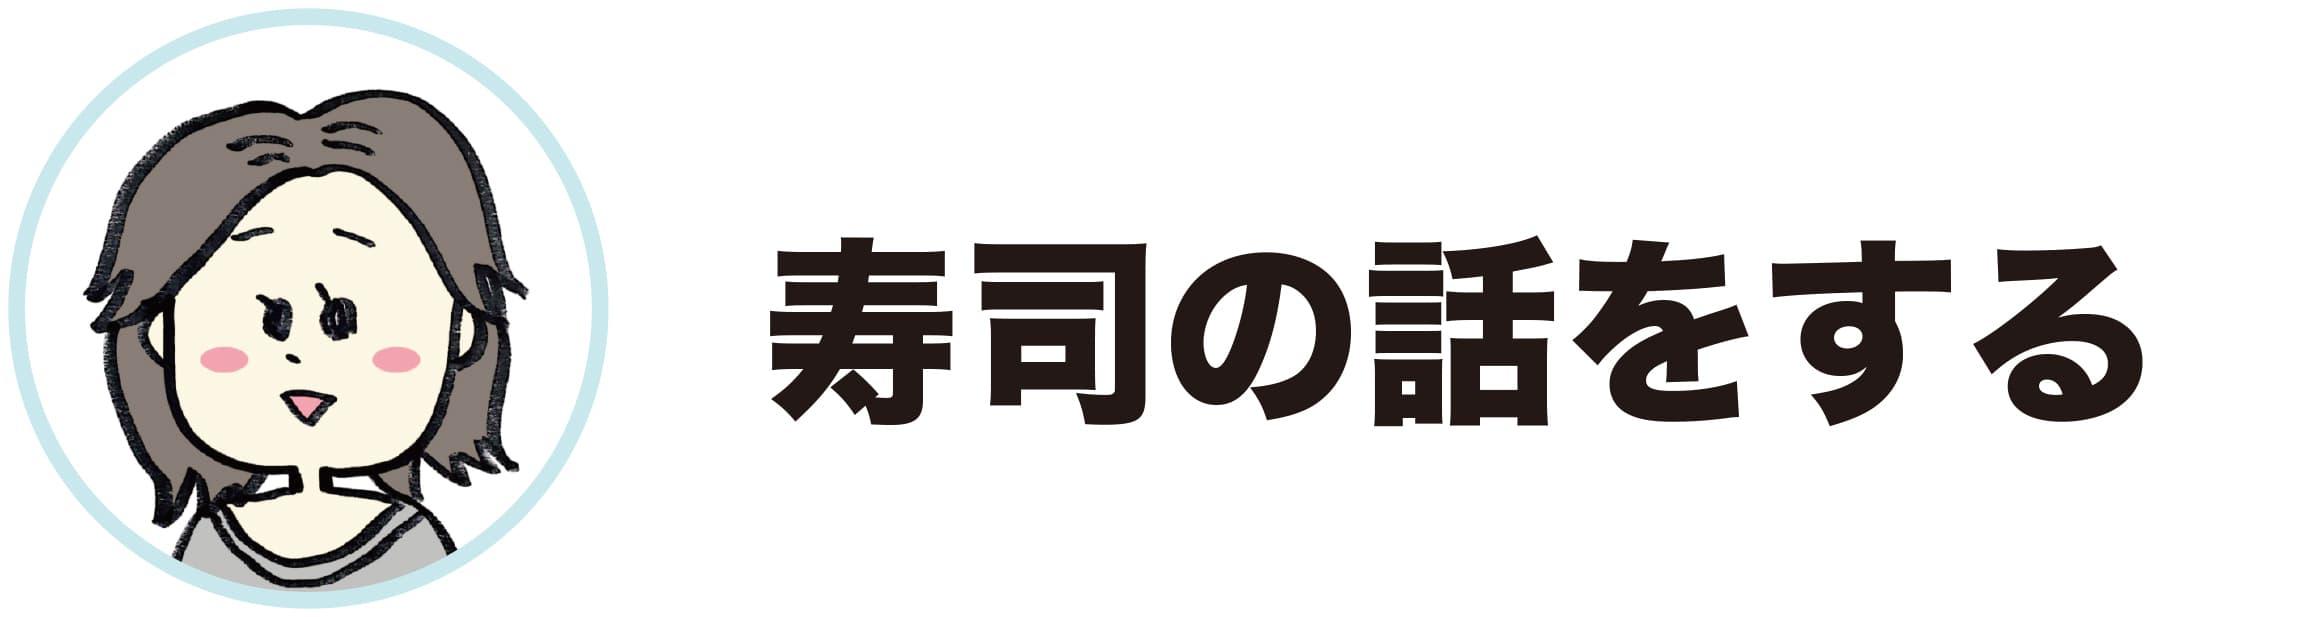 金井さんの画像